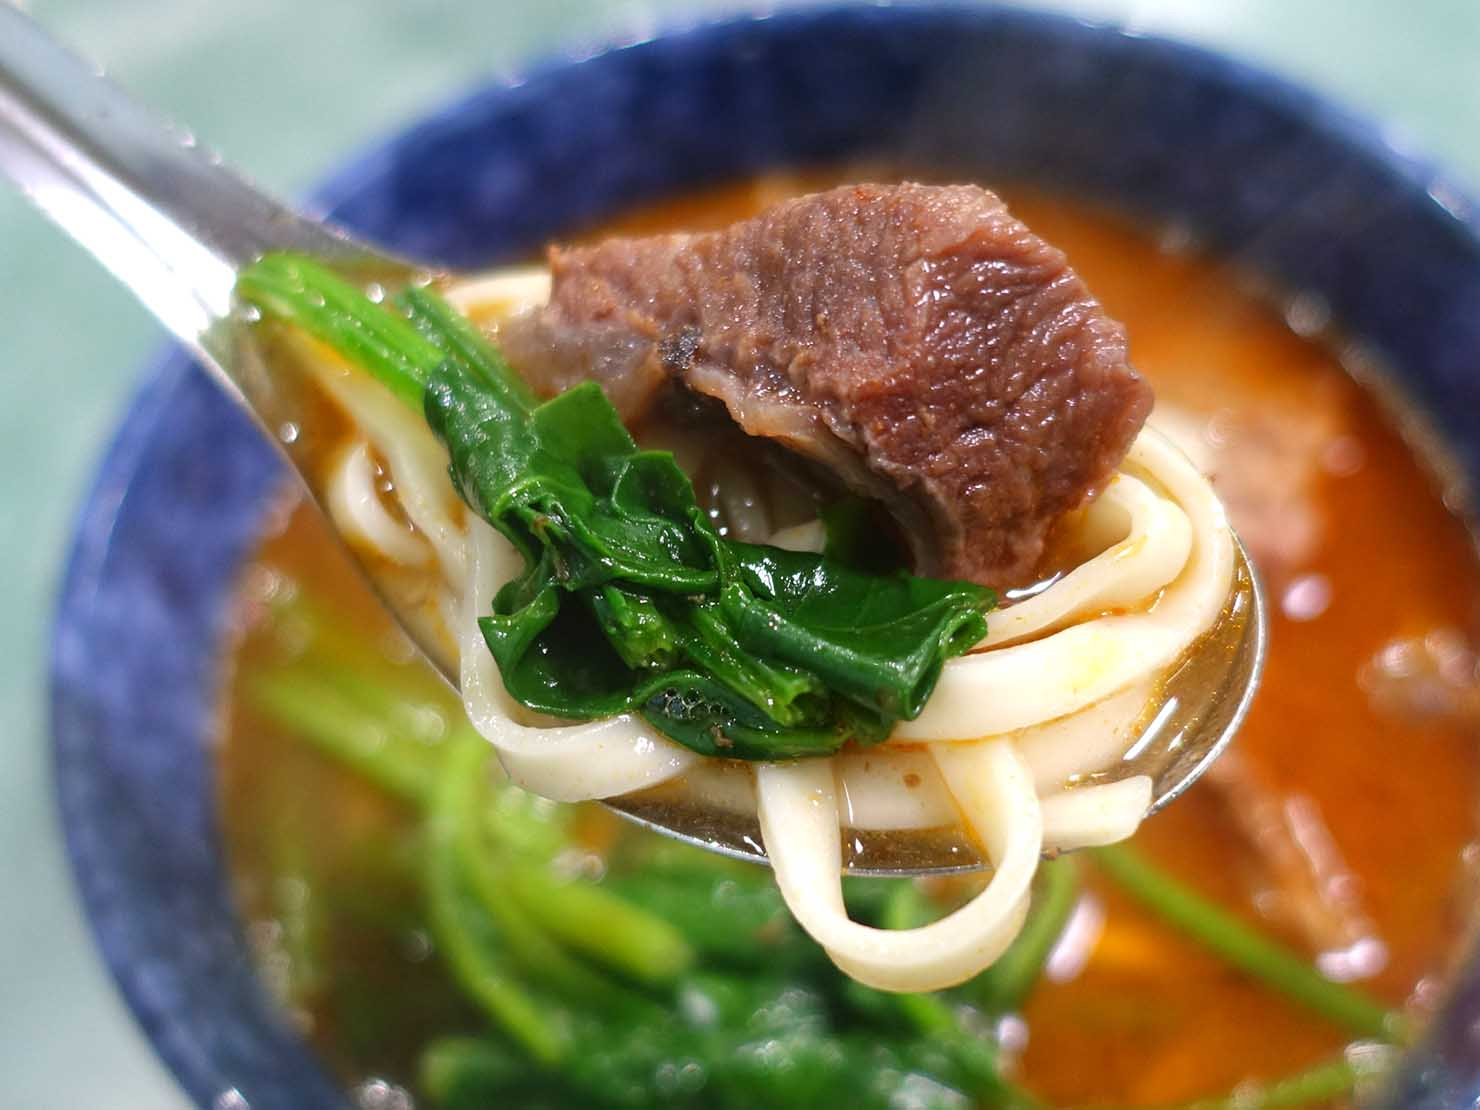 台北・古亭のおすすめグルメ店「老王紅燒牛肉麵」の牛肉麵クローズアップ